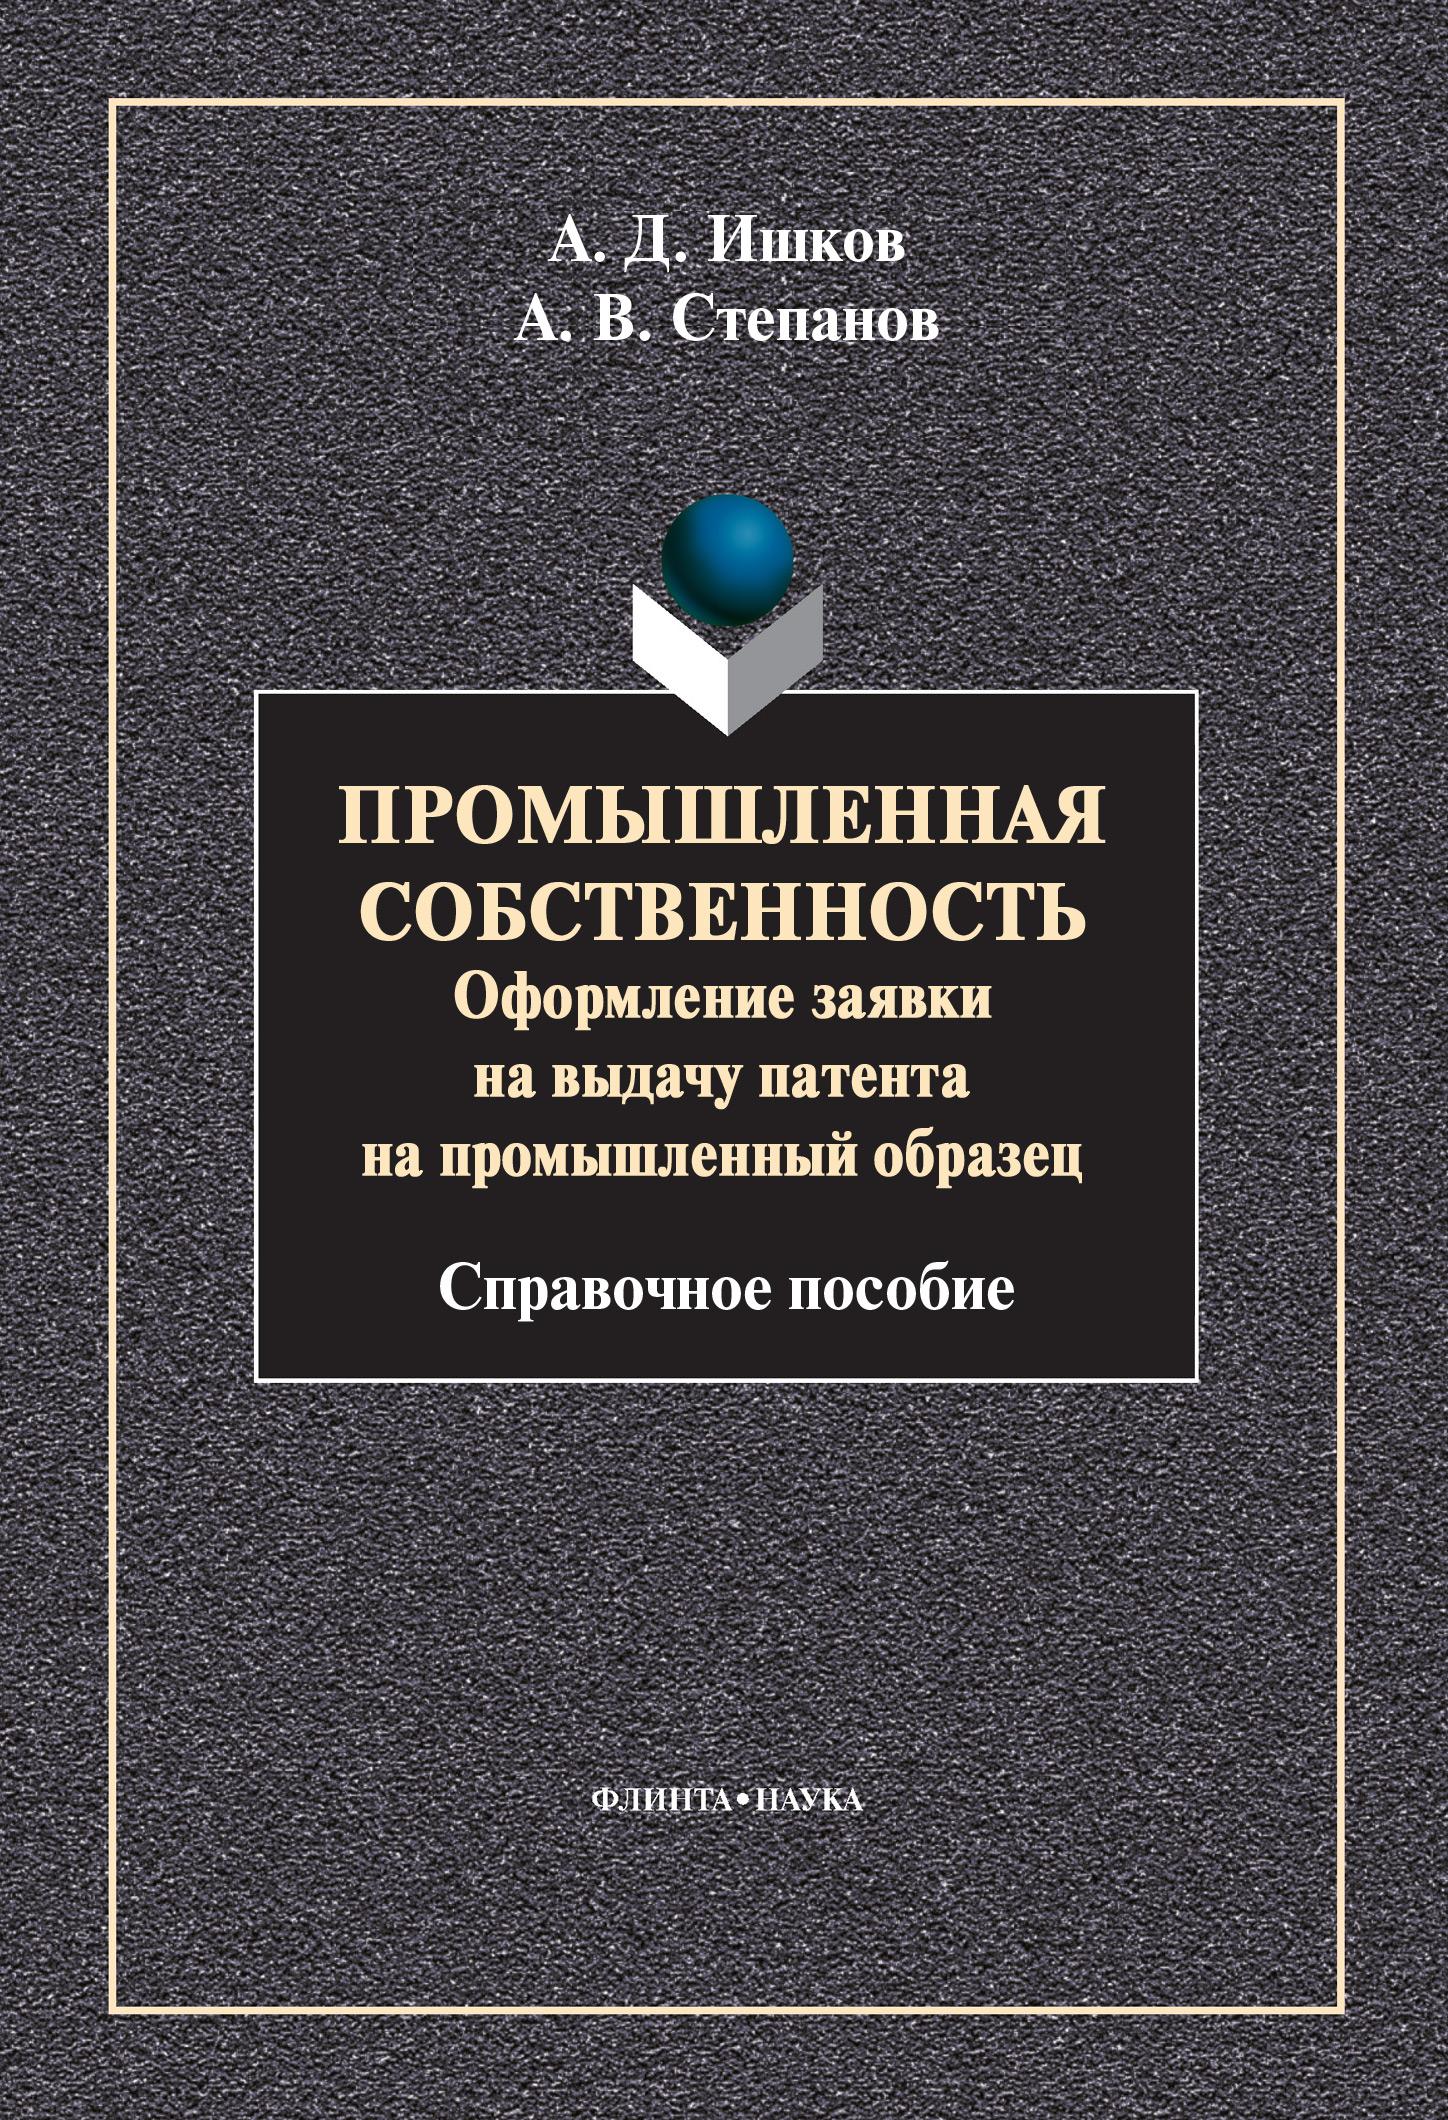 А. В. Степанов Промышленная собственность. Оформление заявки на выдачу патента на промышленный образец